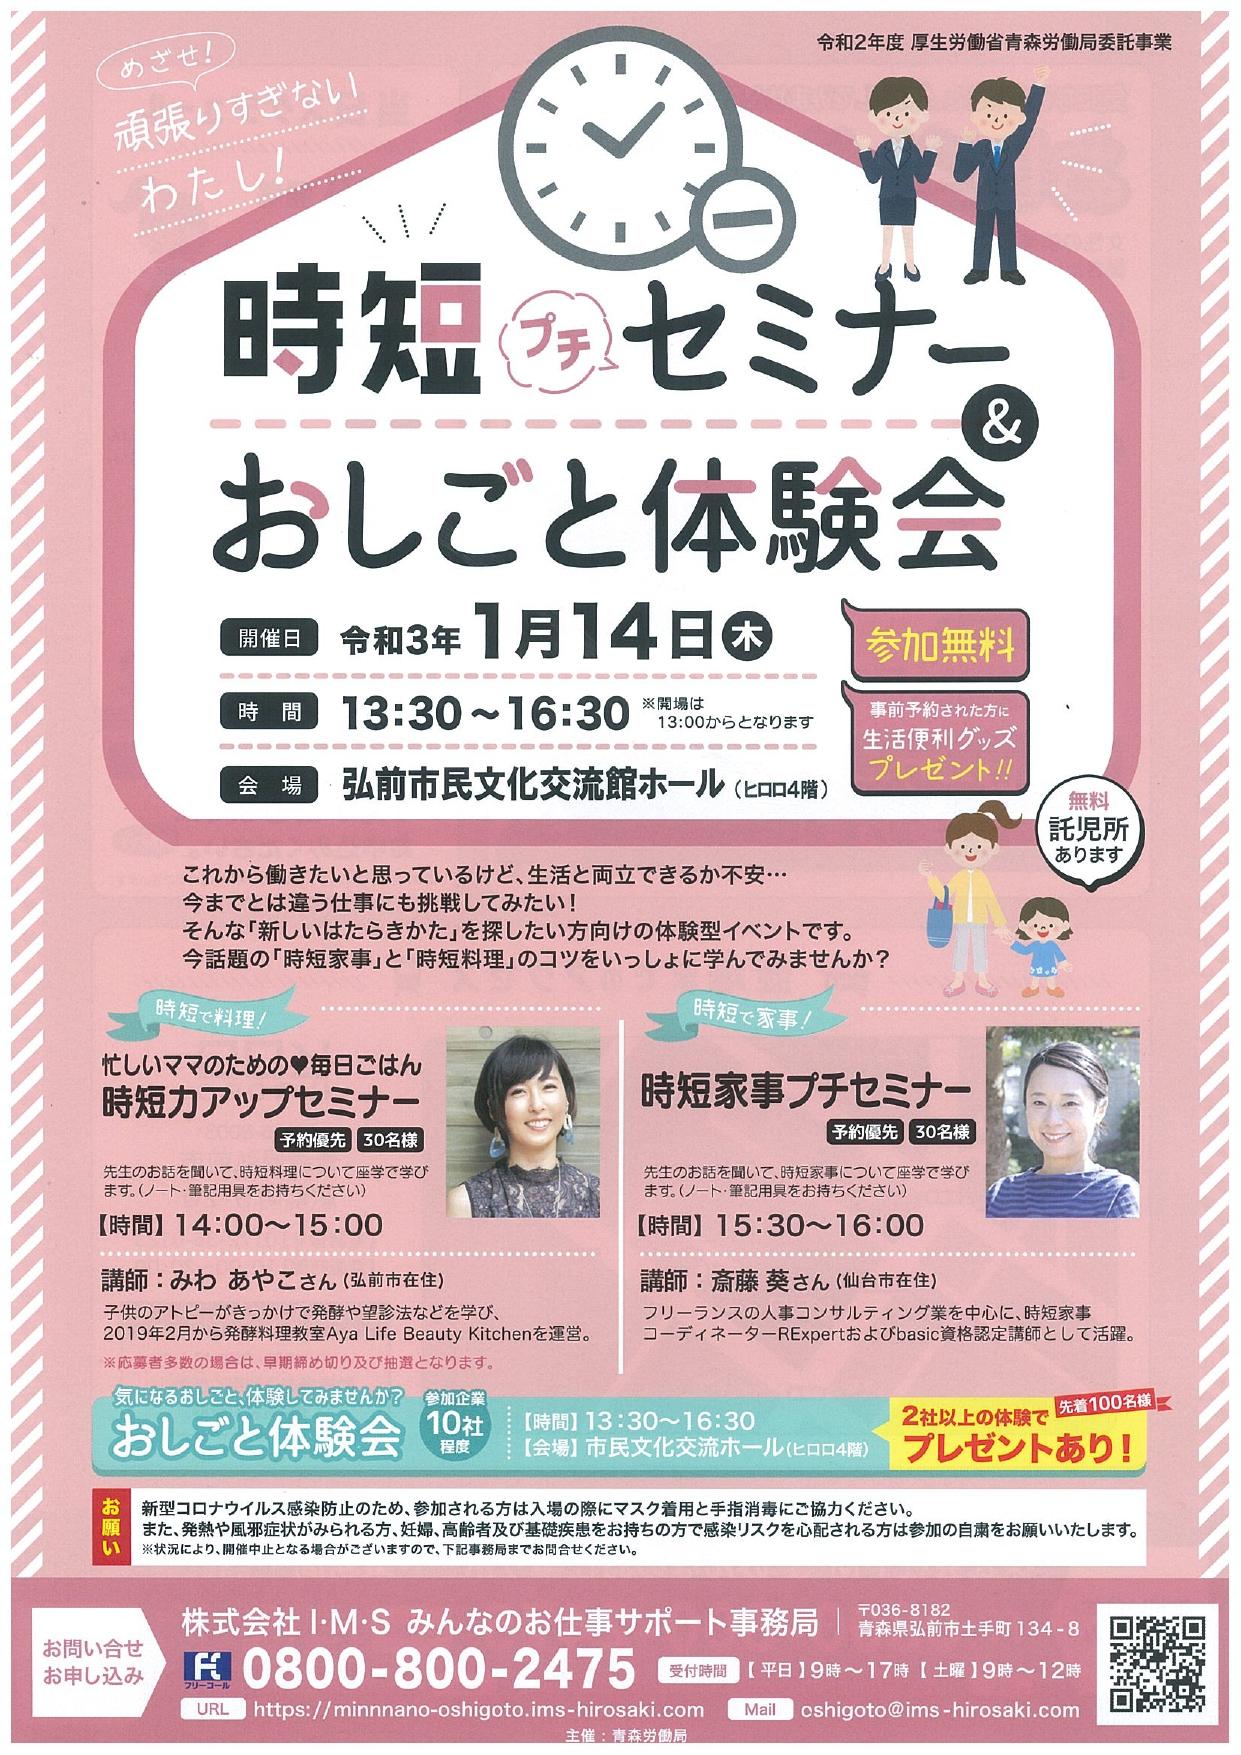 時短プチセミナー&おしごと体験会_page-0001.jpg